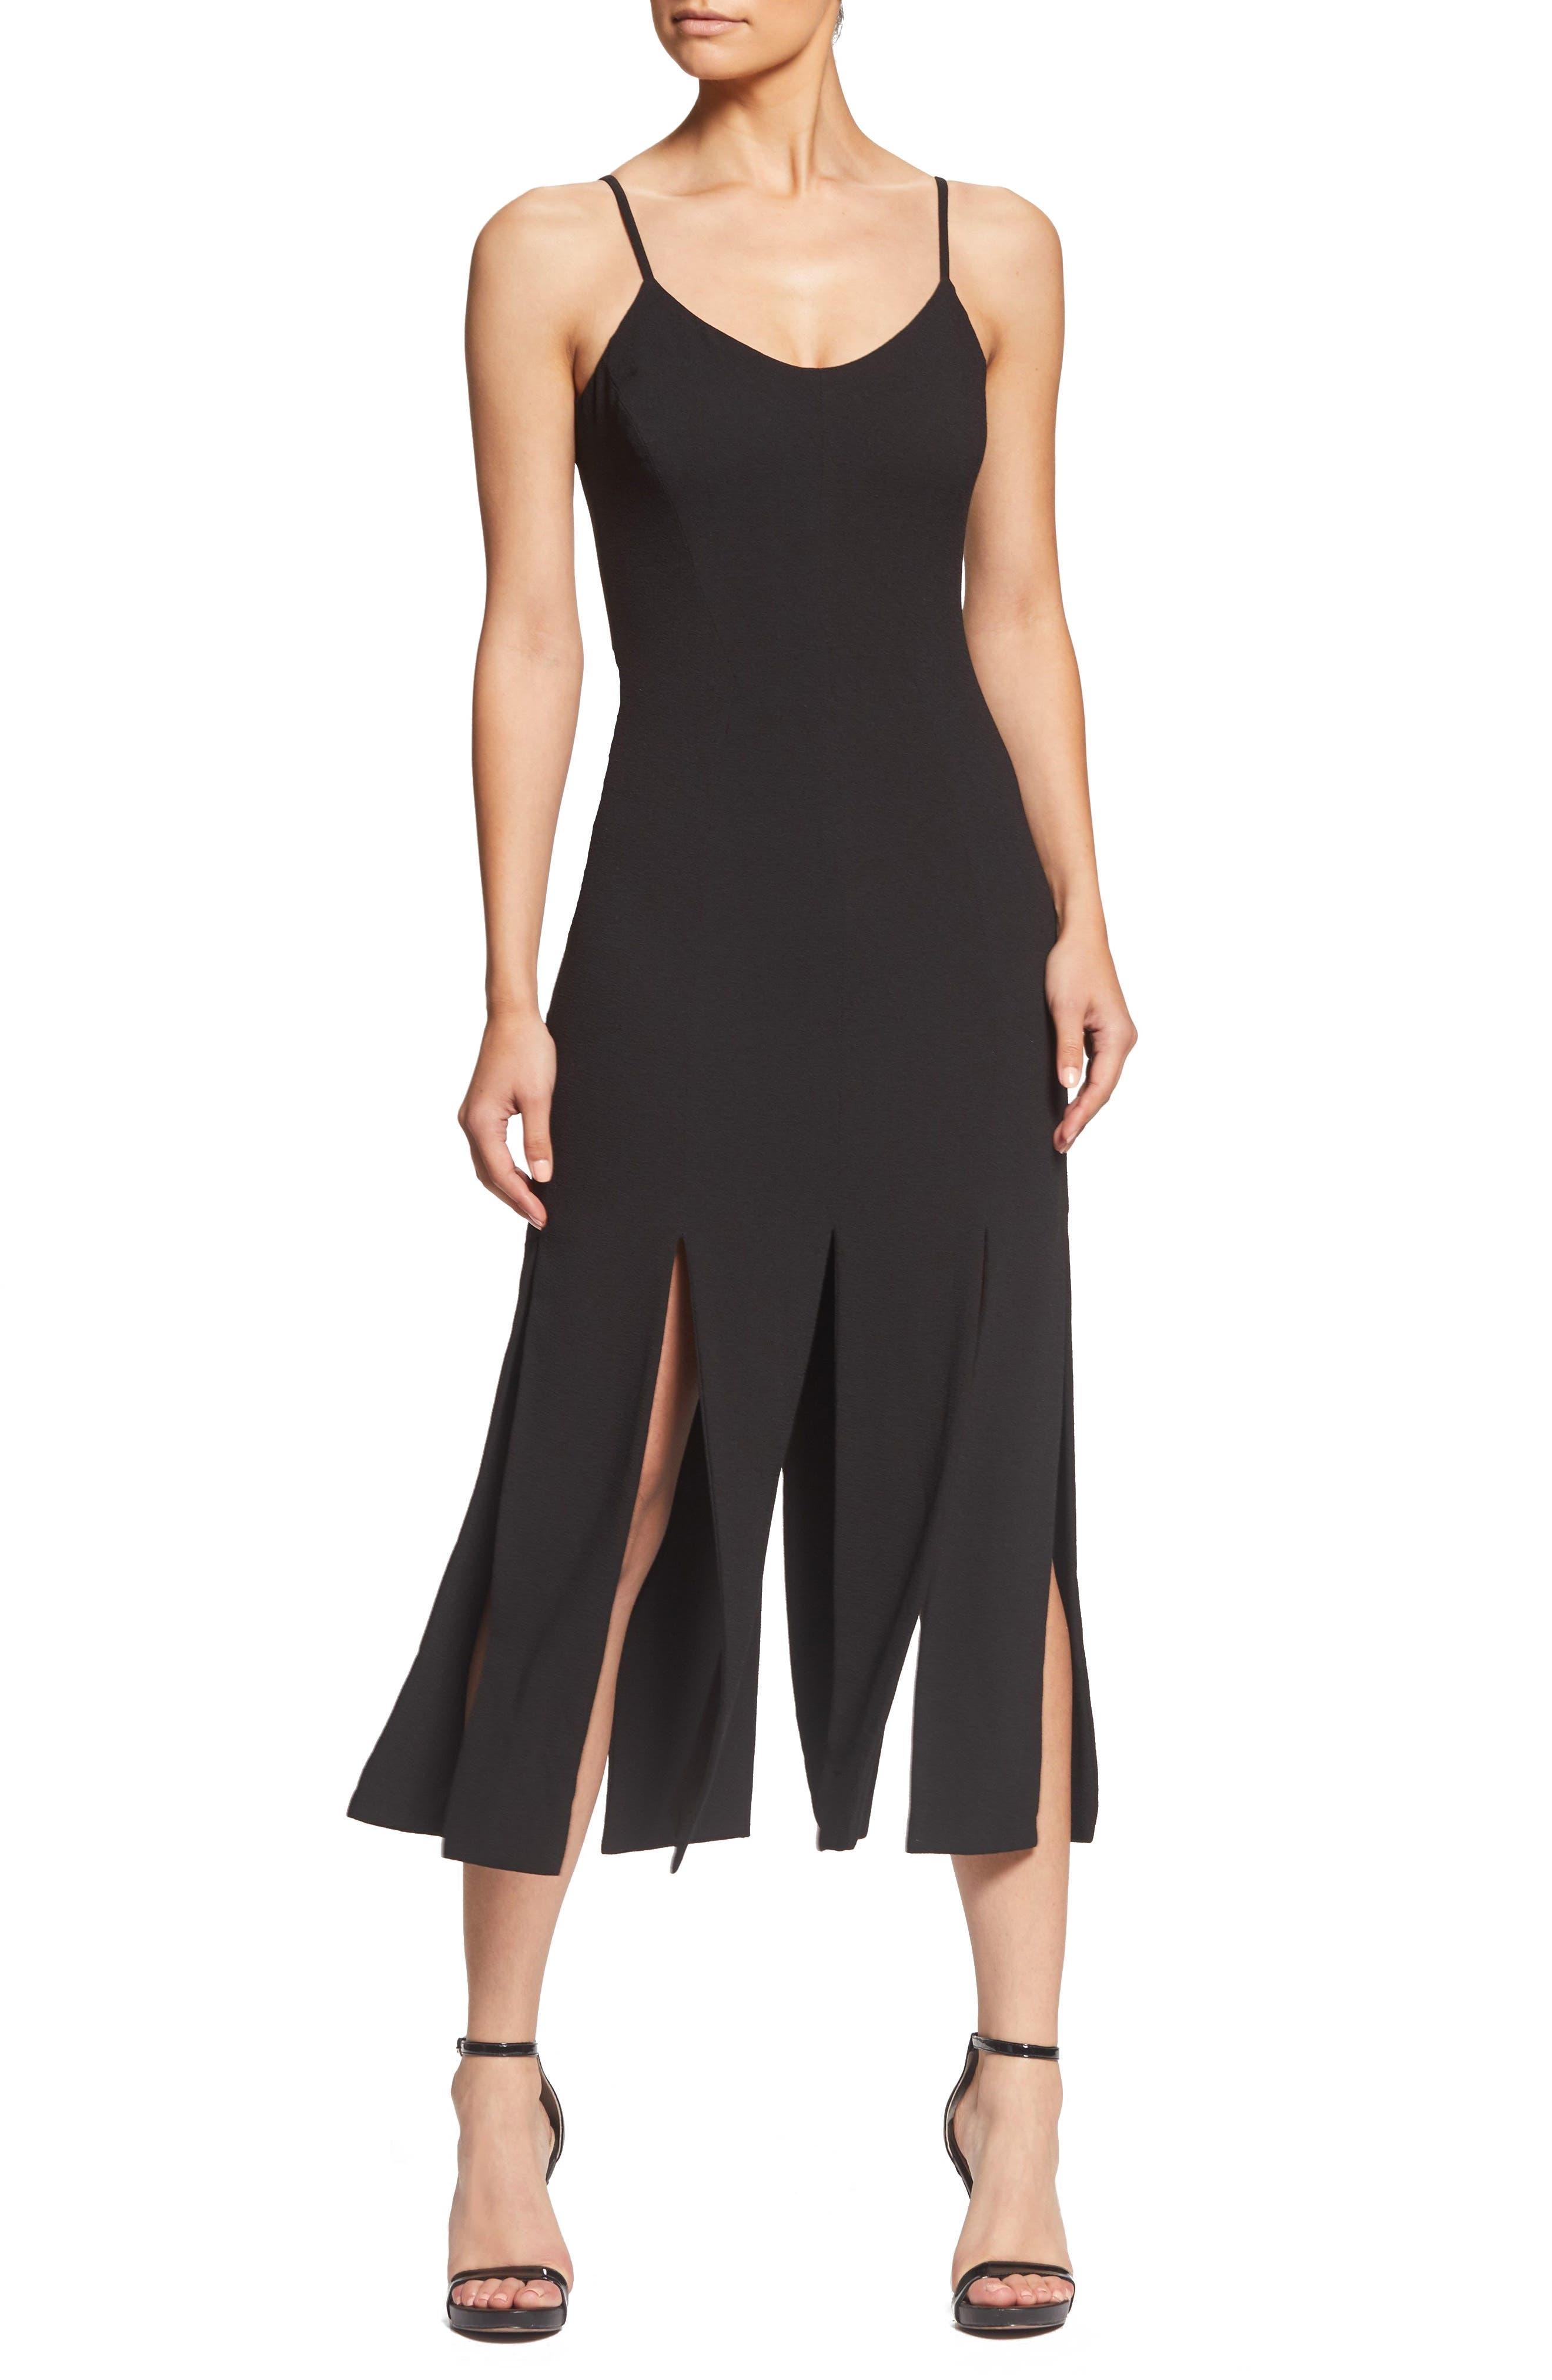 Devon Midi Dress,                             Main thumbnail 1, color,                             BLACK